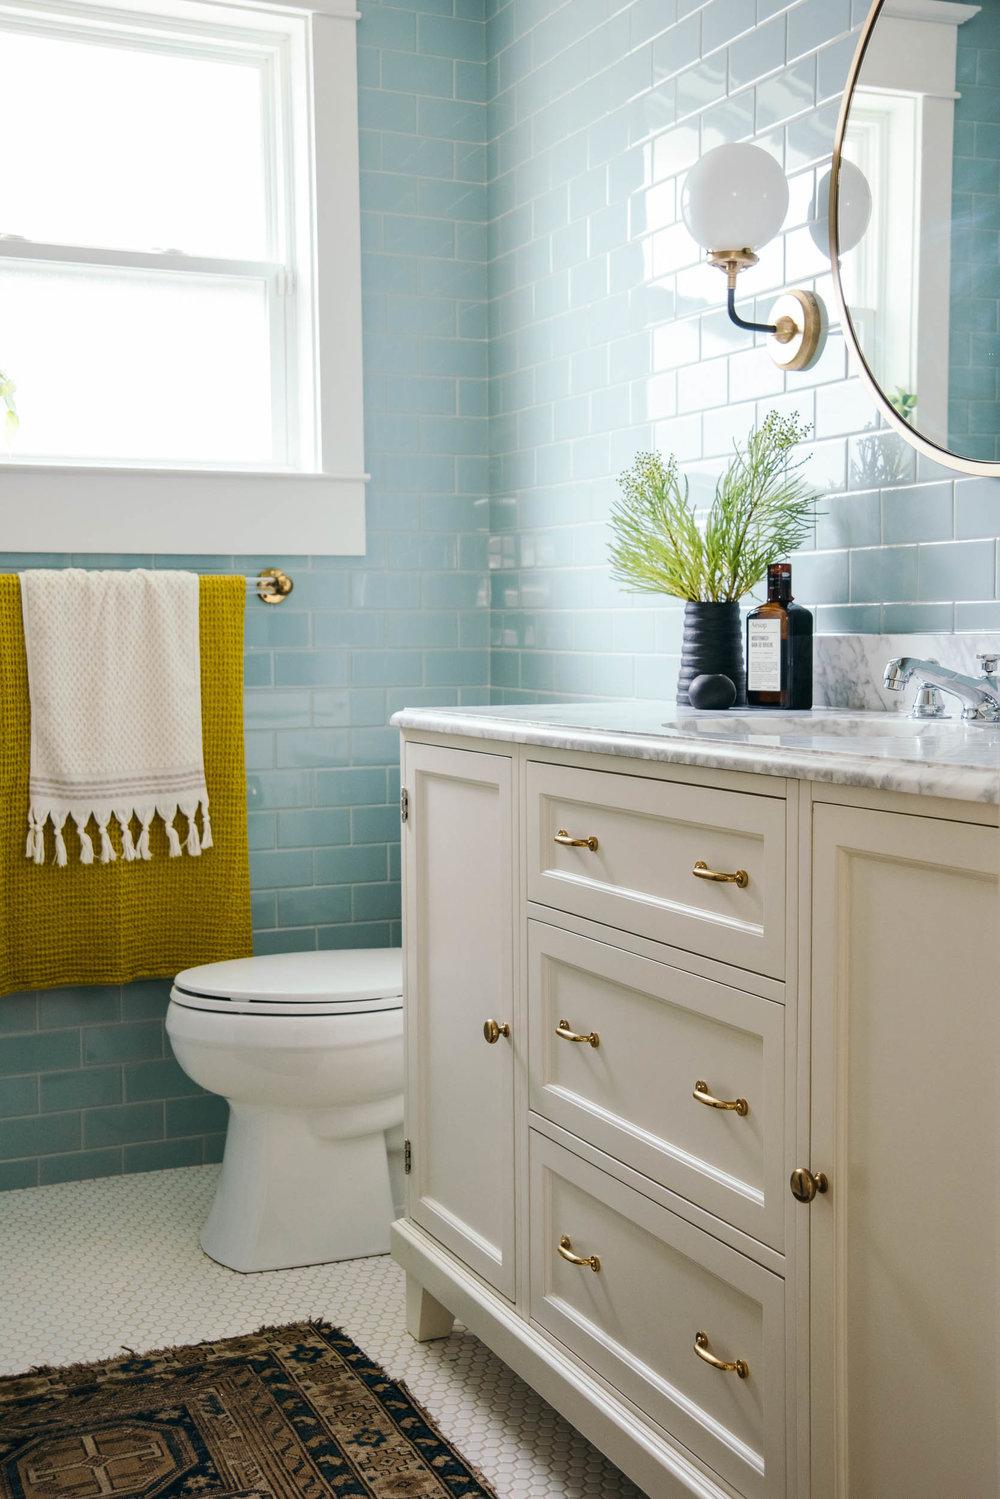 LKI_riverbend_bathroom-2.jpg